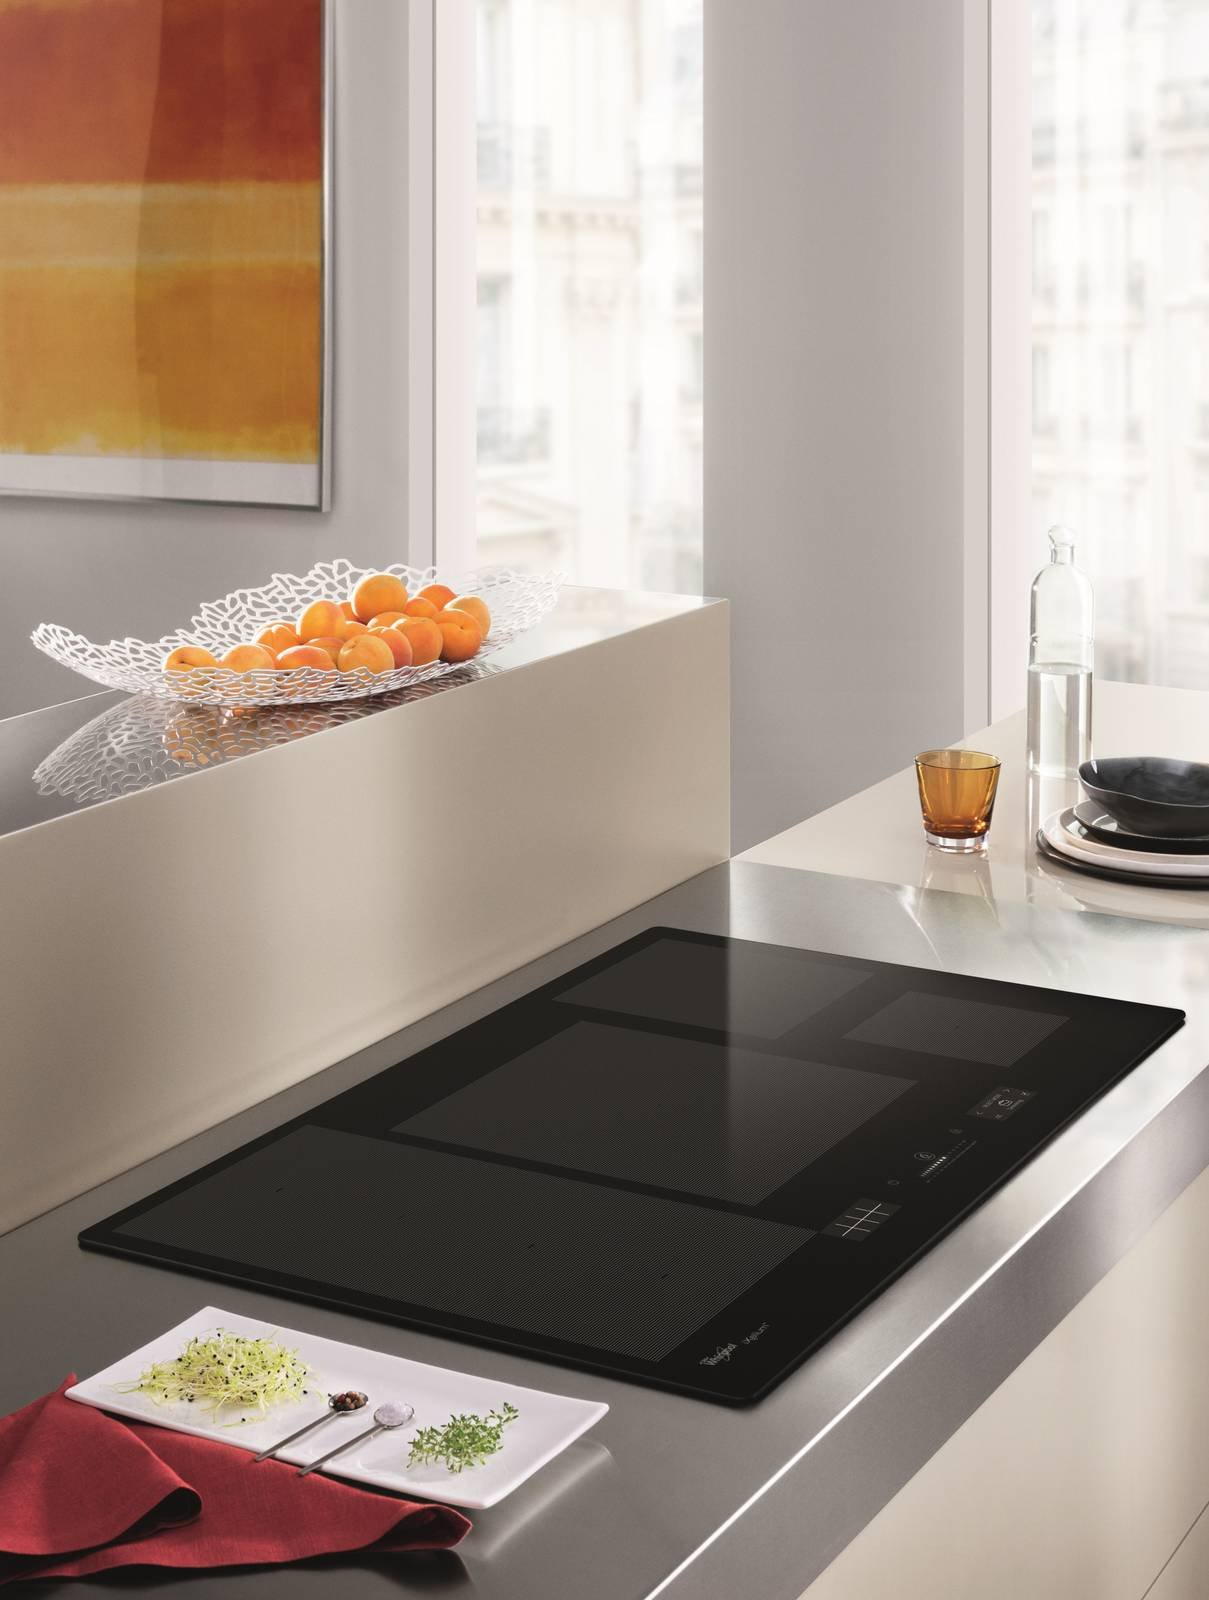 Piano cottura a induzione a gas o elettrico cose di casa for Cottura a induzione